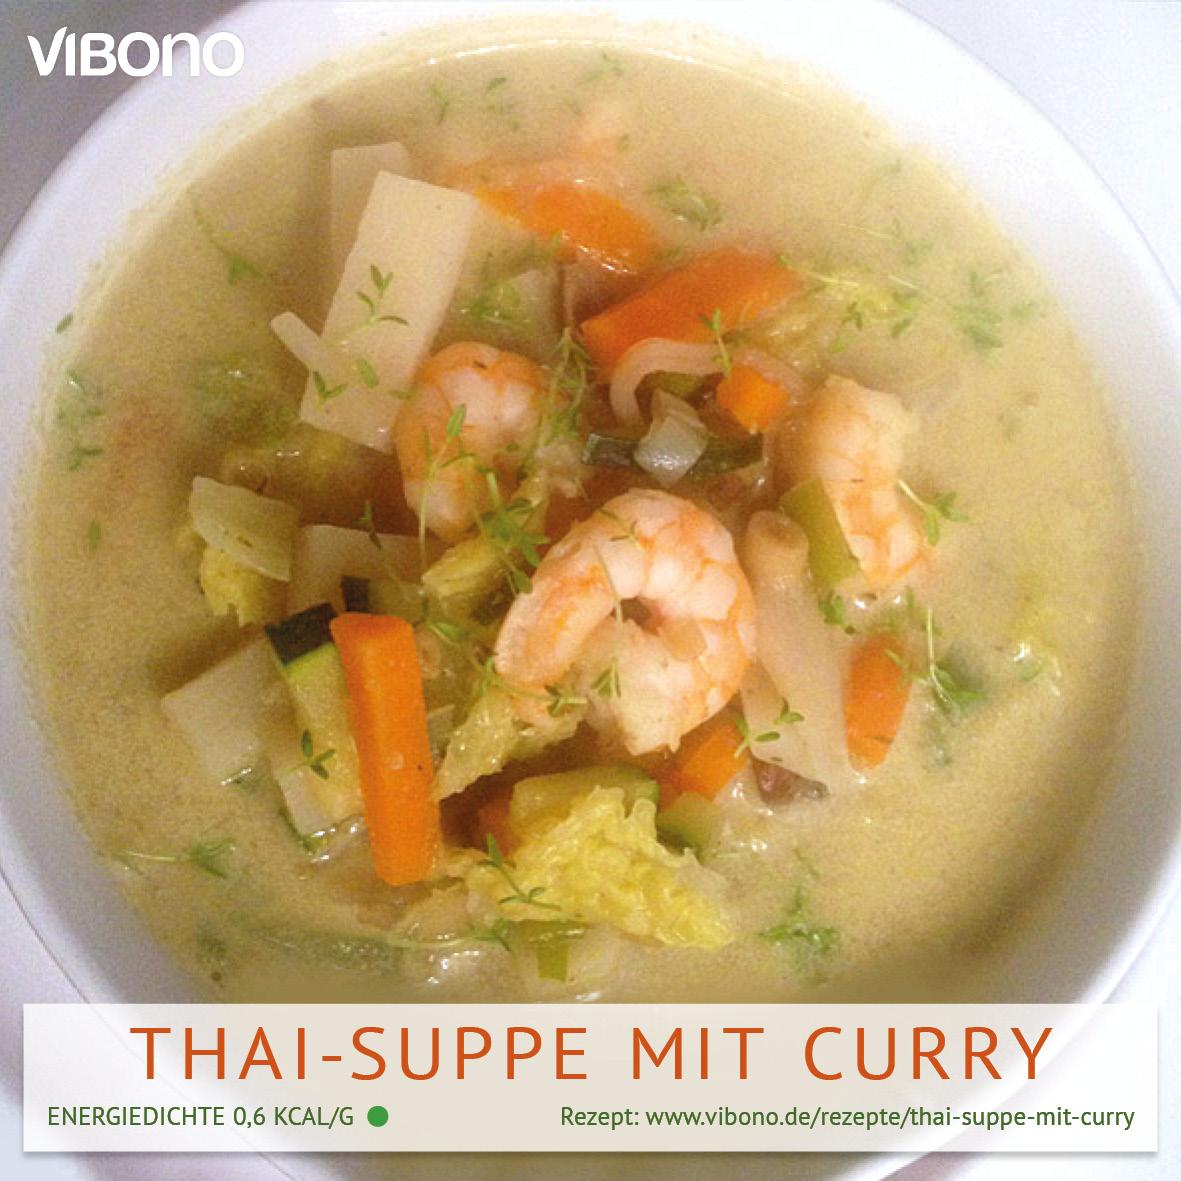 Thai-Suppe mit Curry